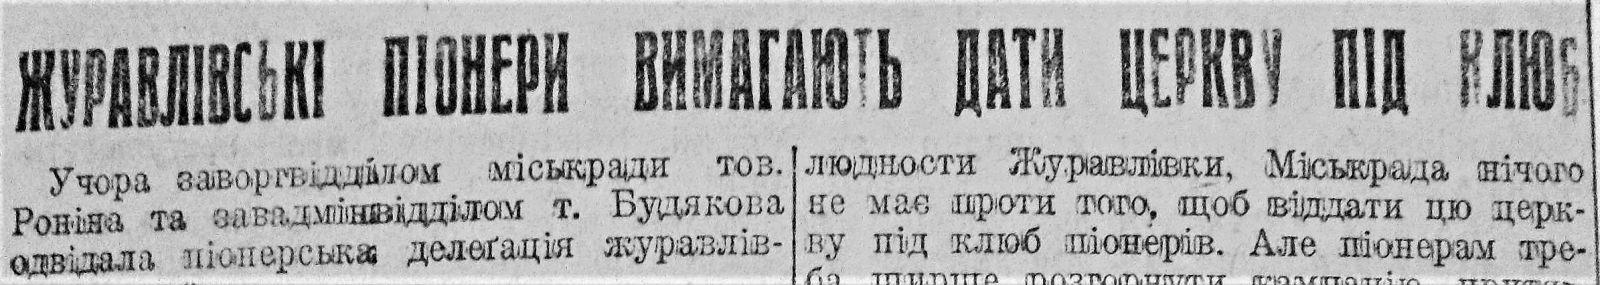 Вельми промовистий заголовок, датований груднем 1929-го